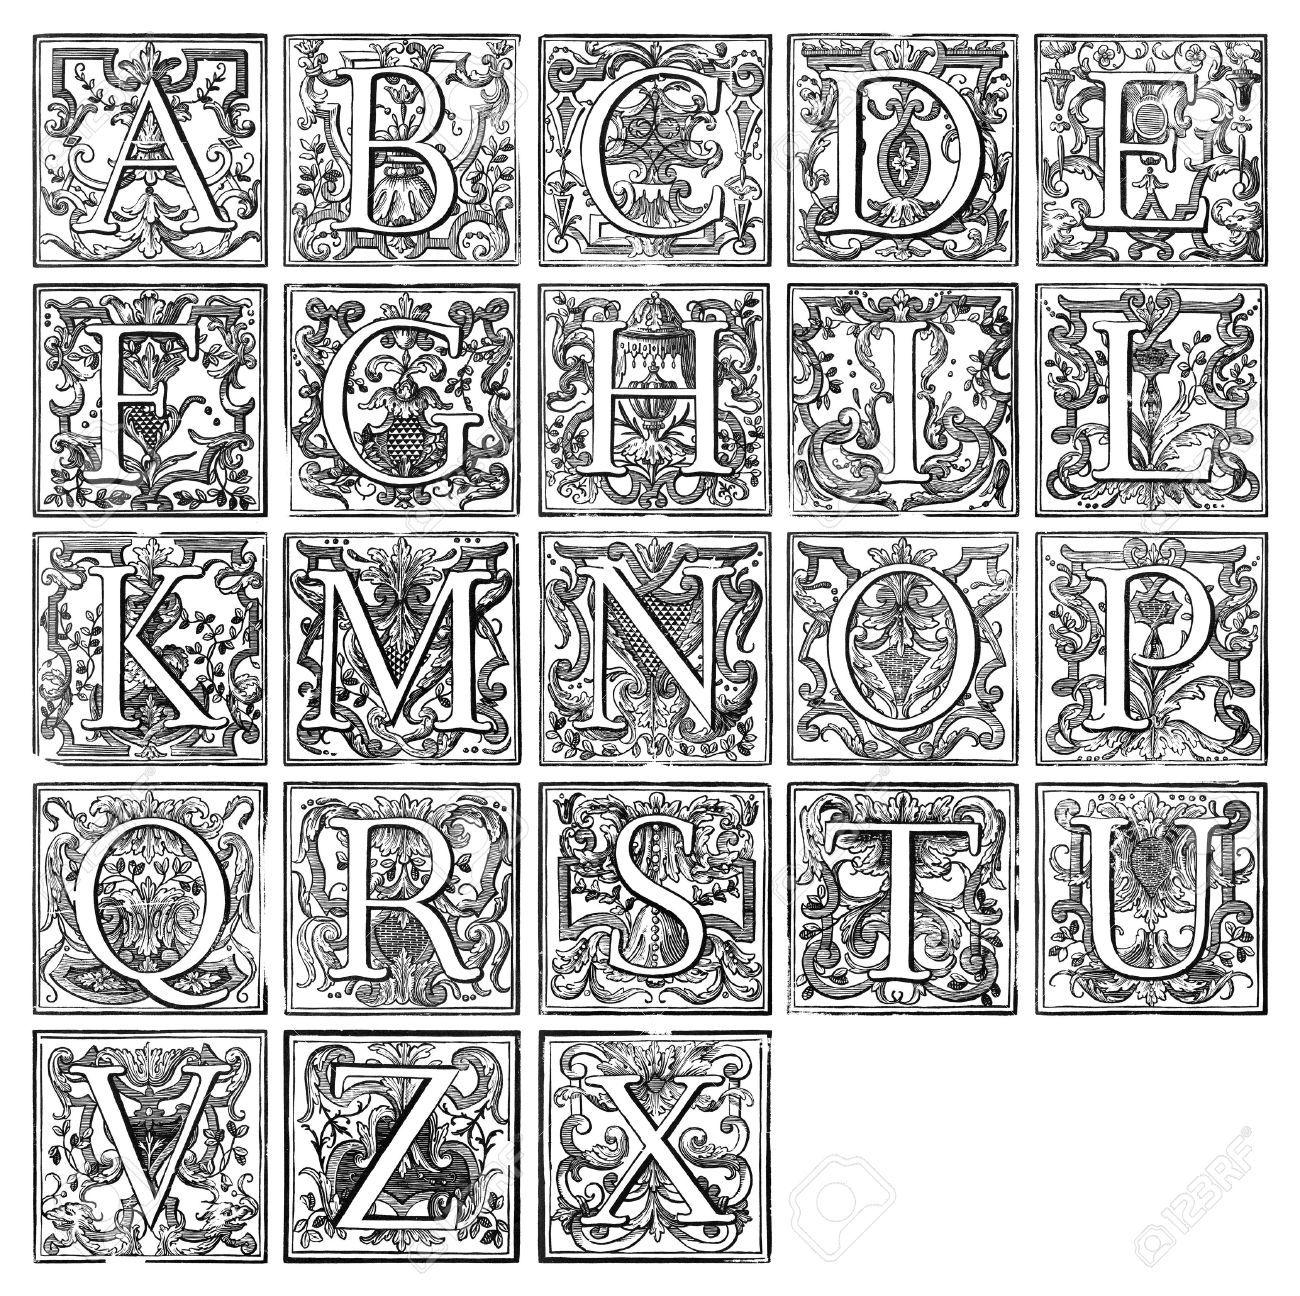 Renaissance Calligraphy חיפוש ב Google Malvorlagen Kostenlose Malvorlagen Alphabet Malvorlagen